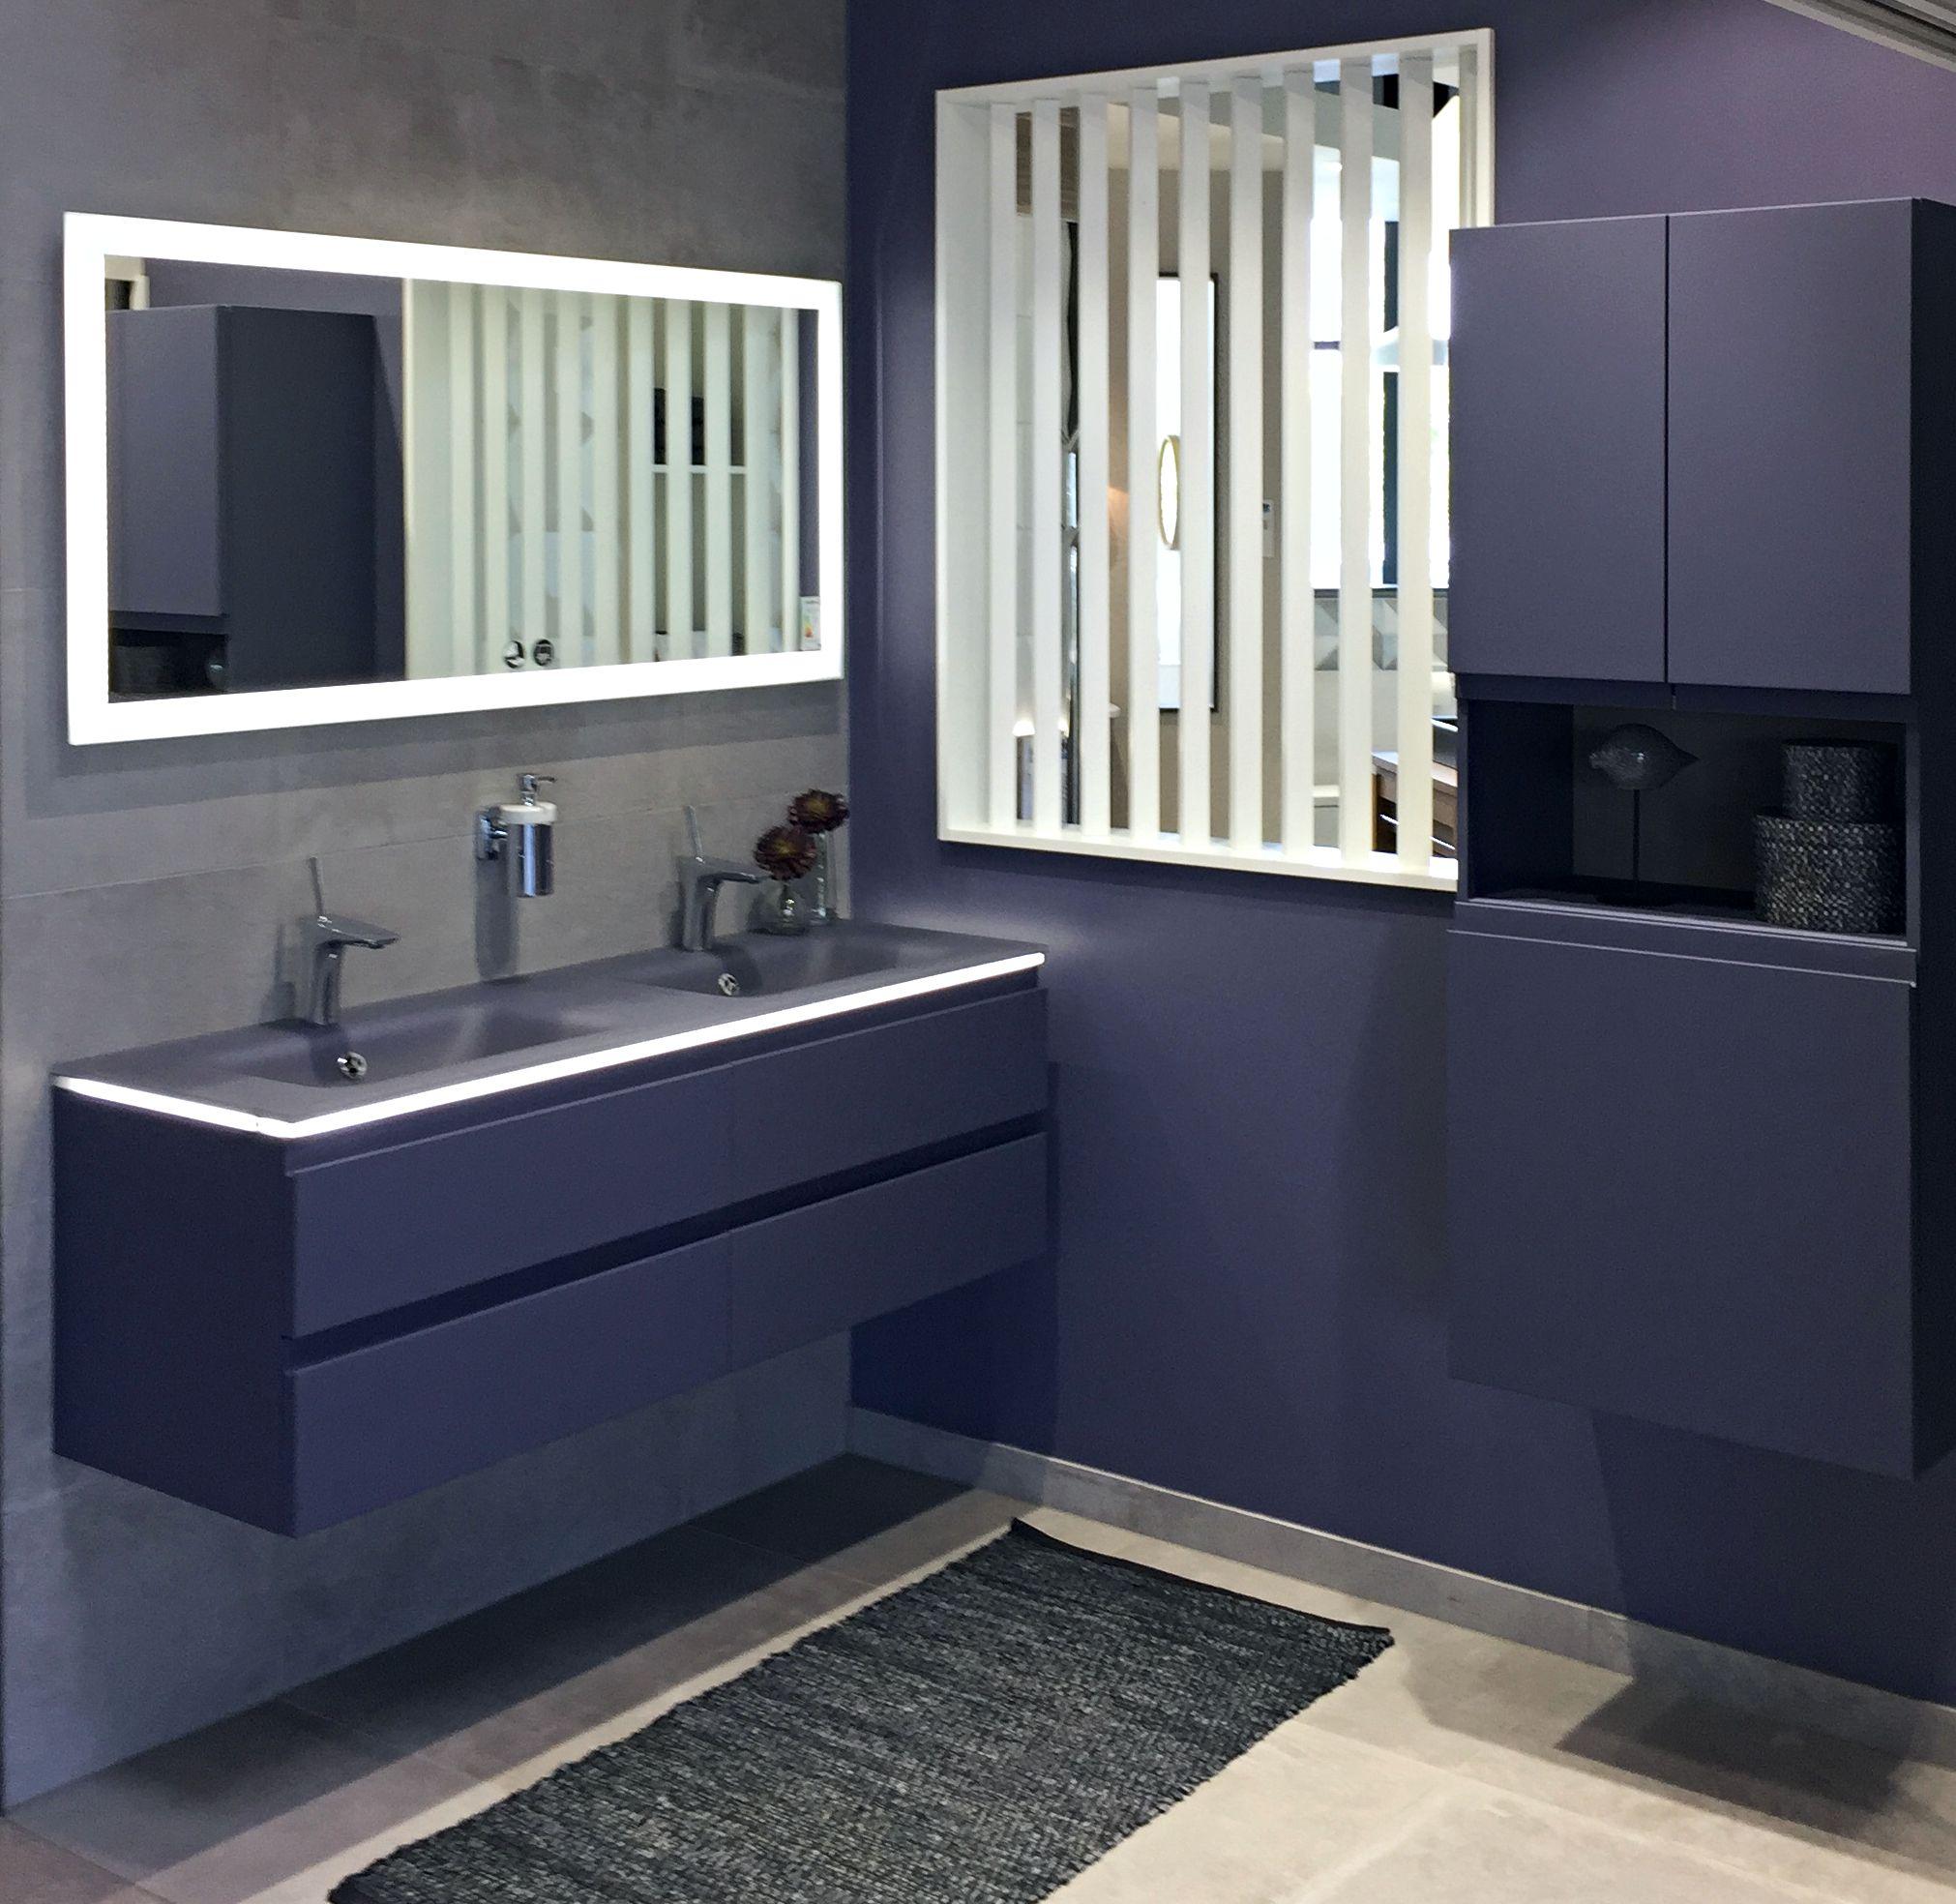 Salle De Bain Bleue Meuble Double Vasque Idee Salle De Bain Salle De Bain